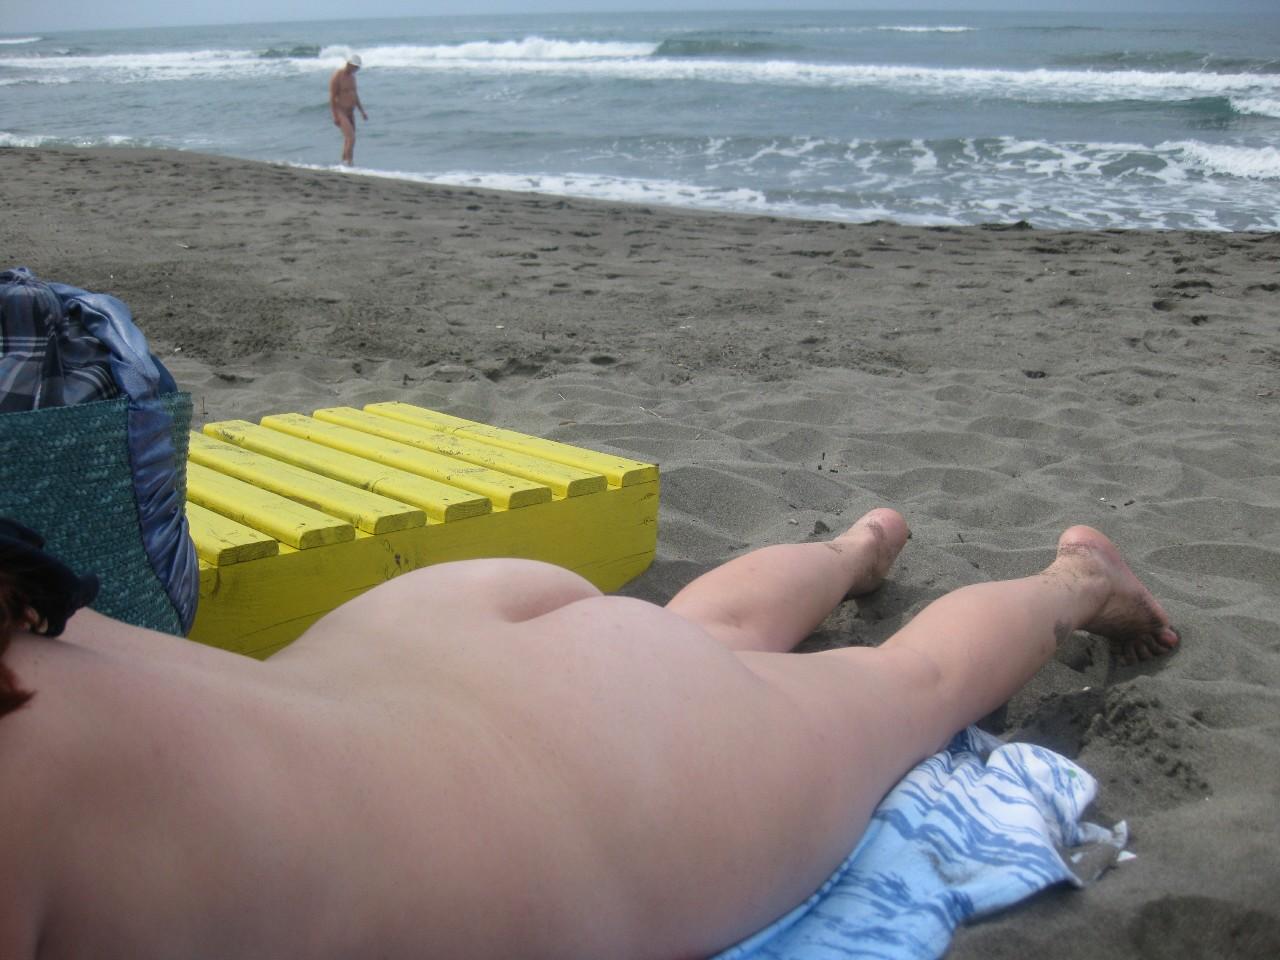 【海外エロ画像】即ヤれそうwヌーディストビーチの全裸で寝る人々www 05